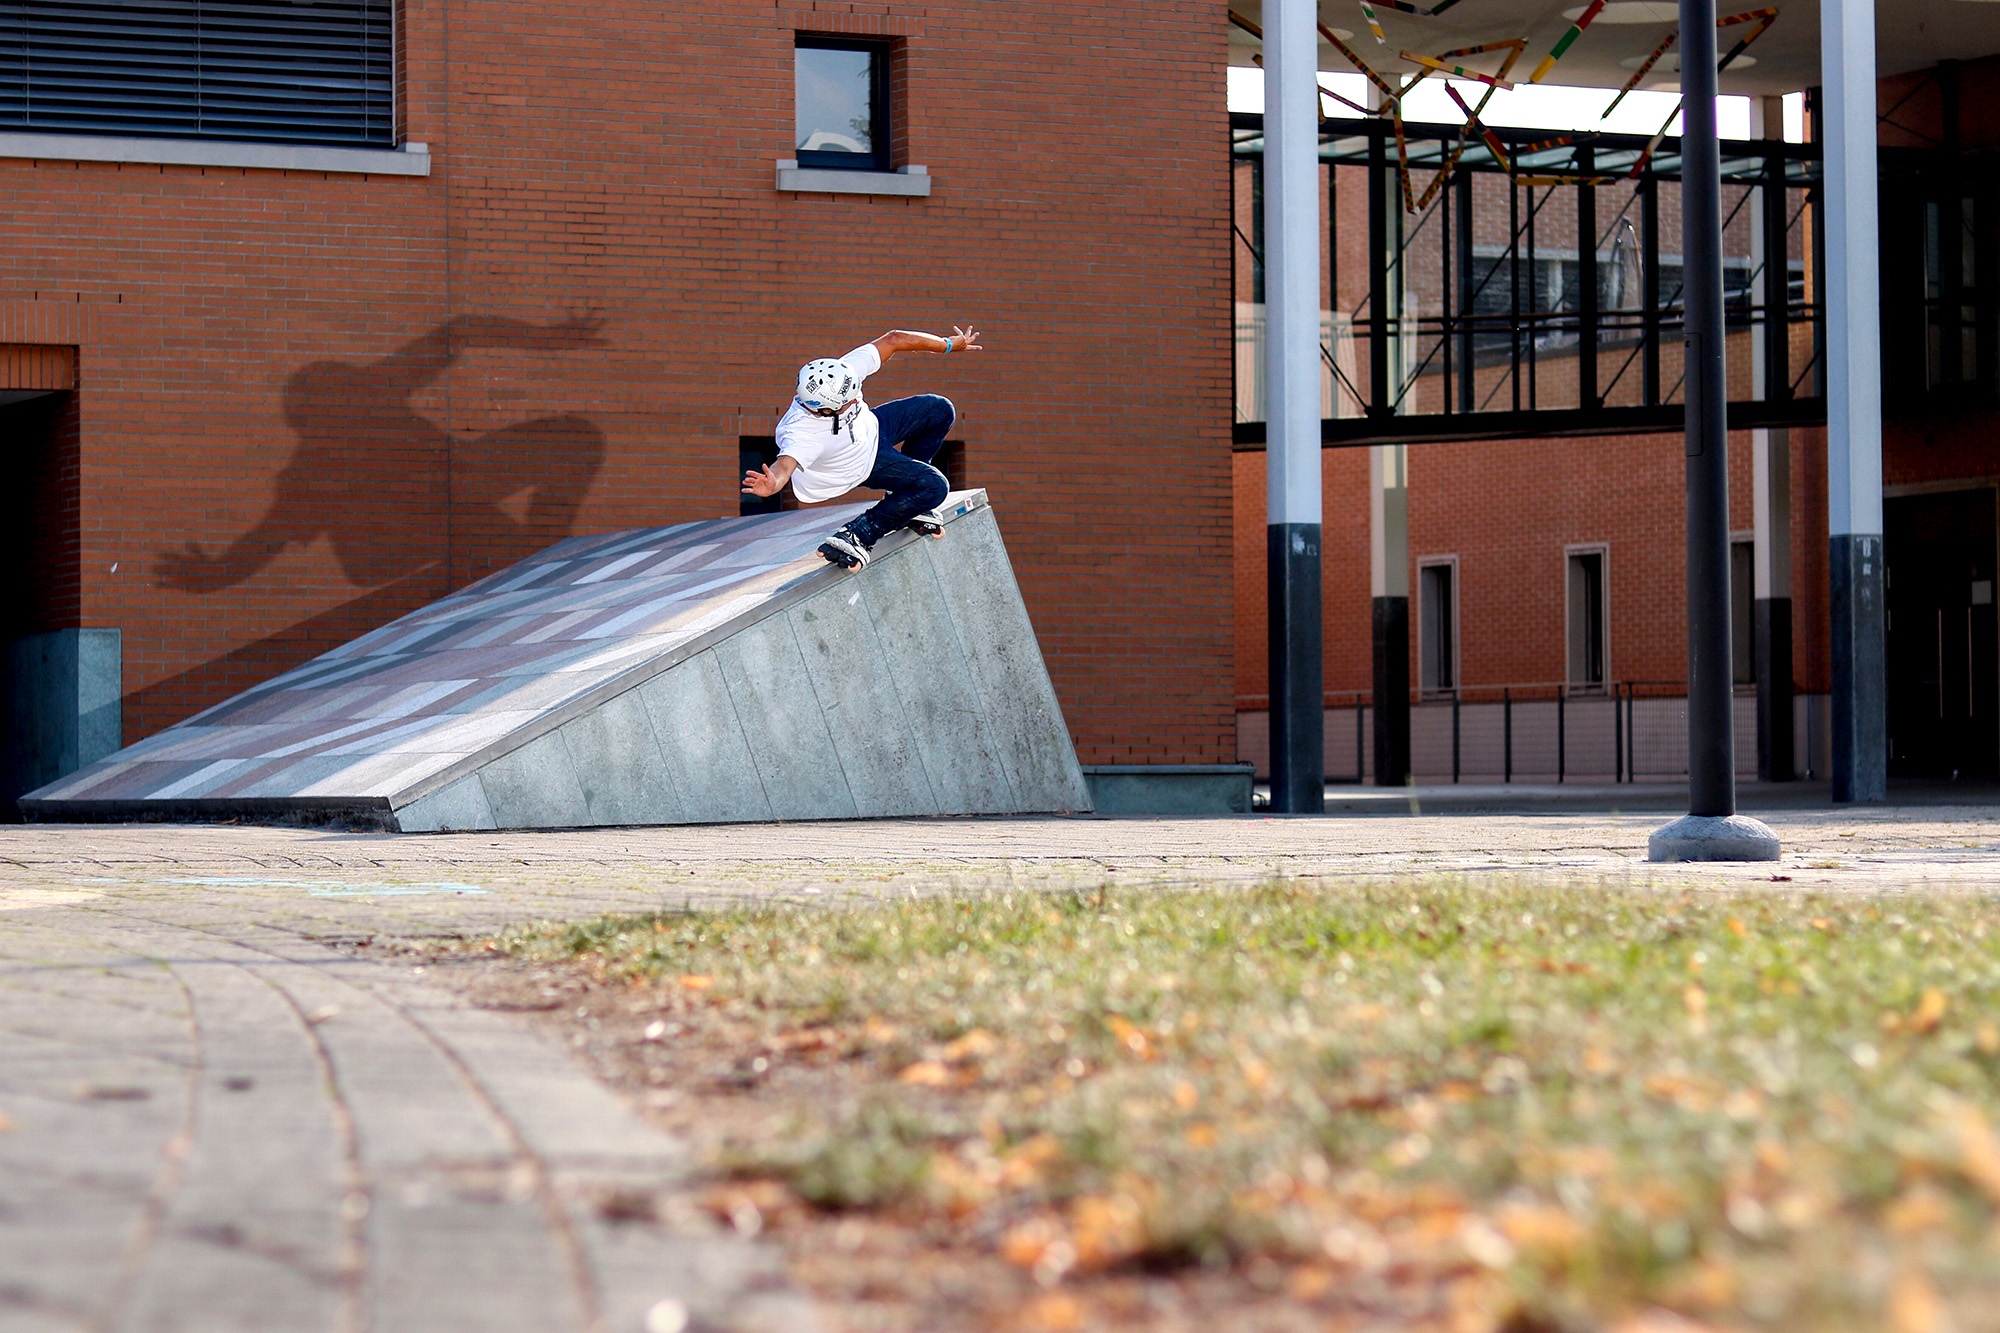 jan back nugen up - Skateboard Deckbank